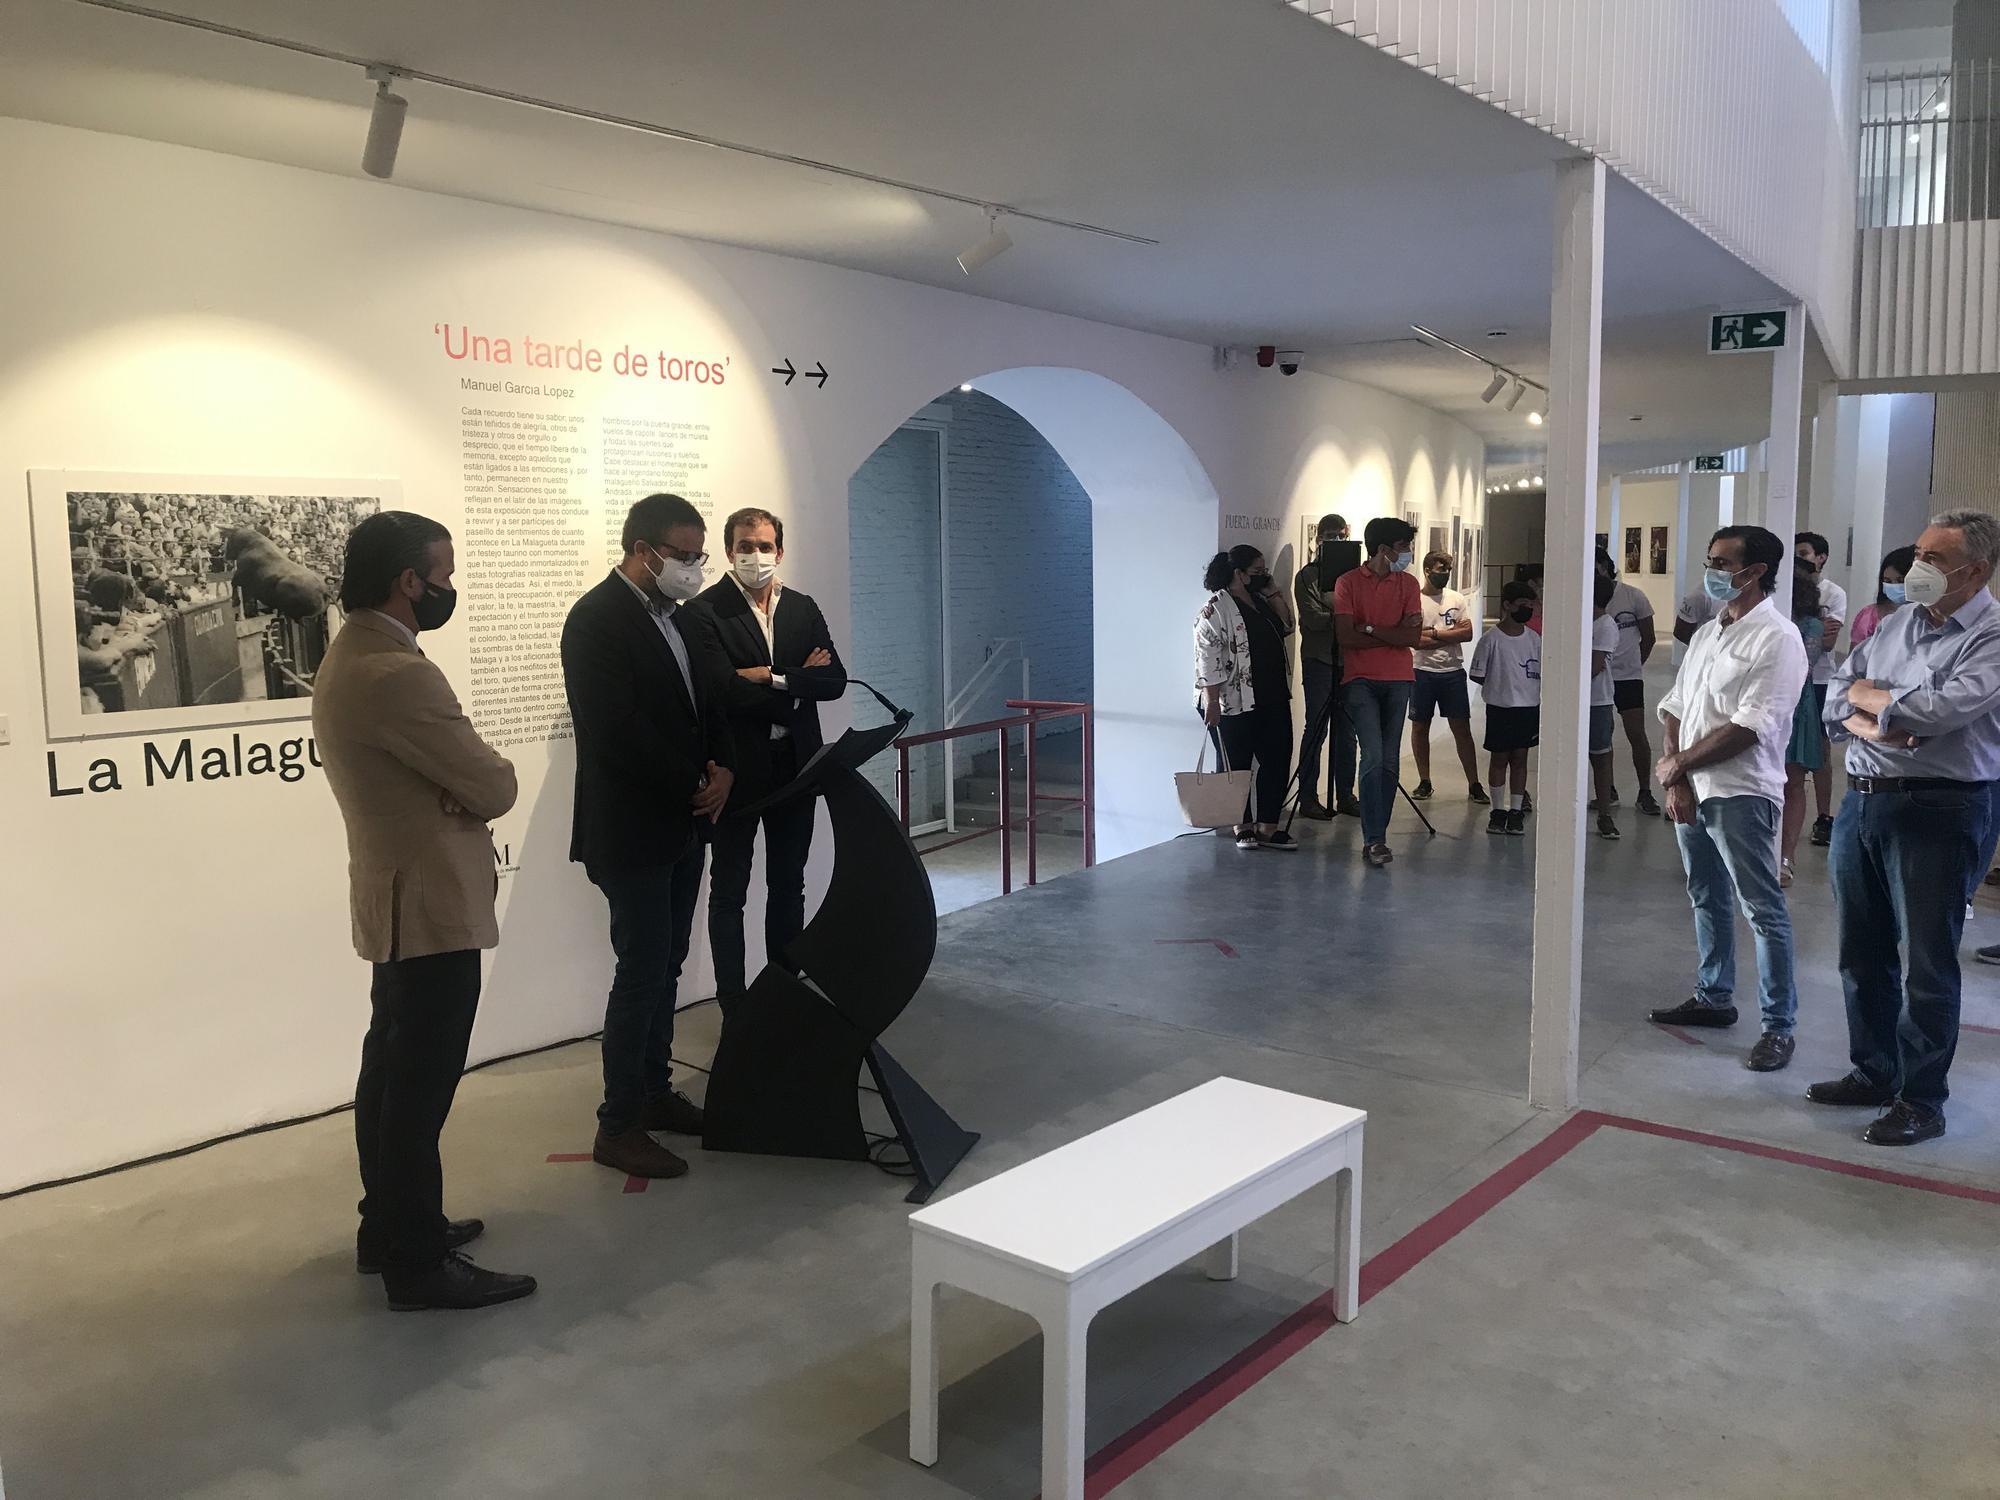 Exposición 'Una tarde de toros' en el espacio cultural de La Malagueta